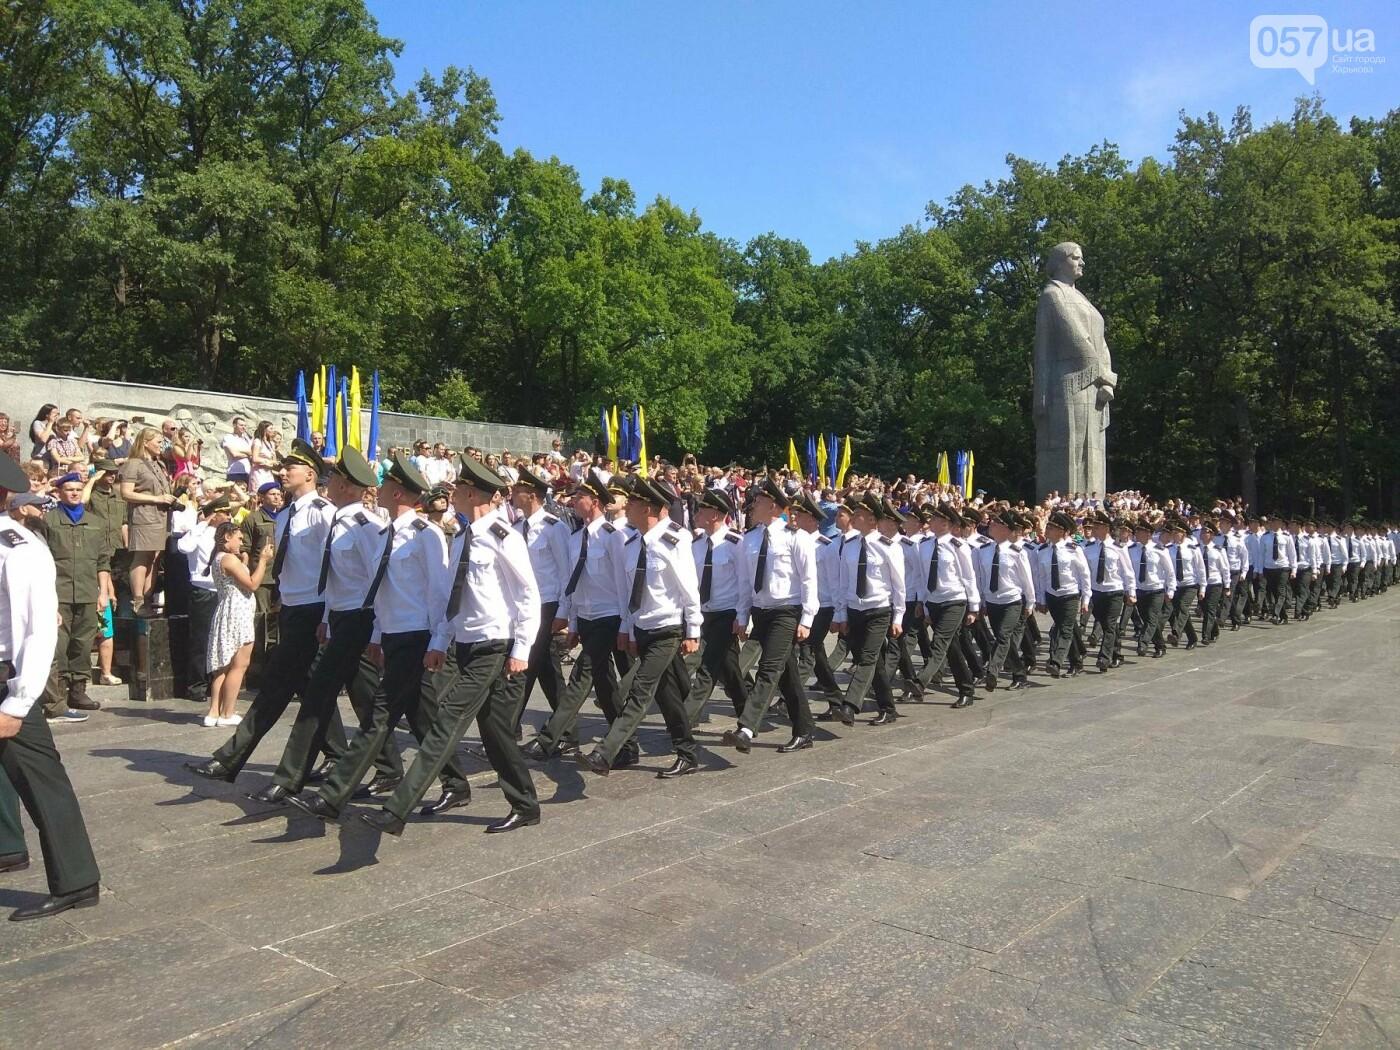 Аваков в Харькове. Украинские участковые получили новые автомобили, - ФОТО, фото-7